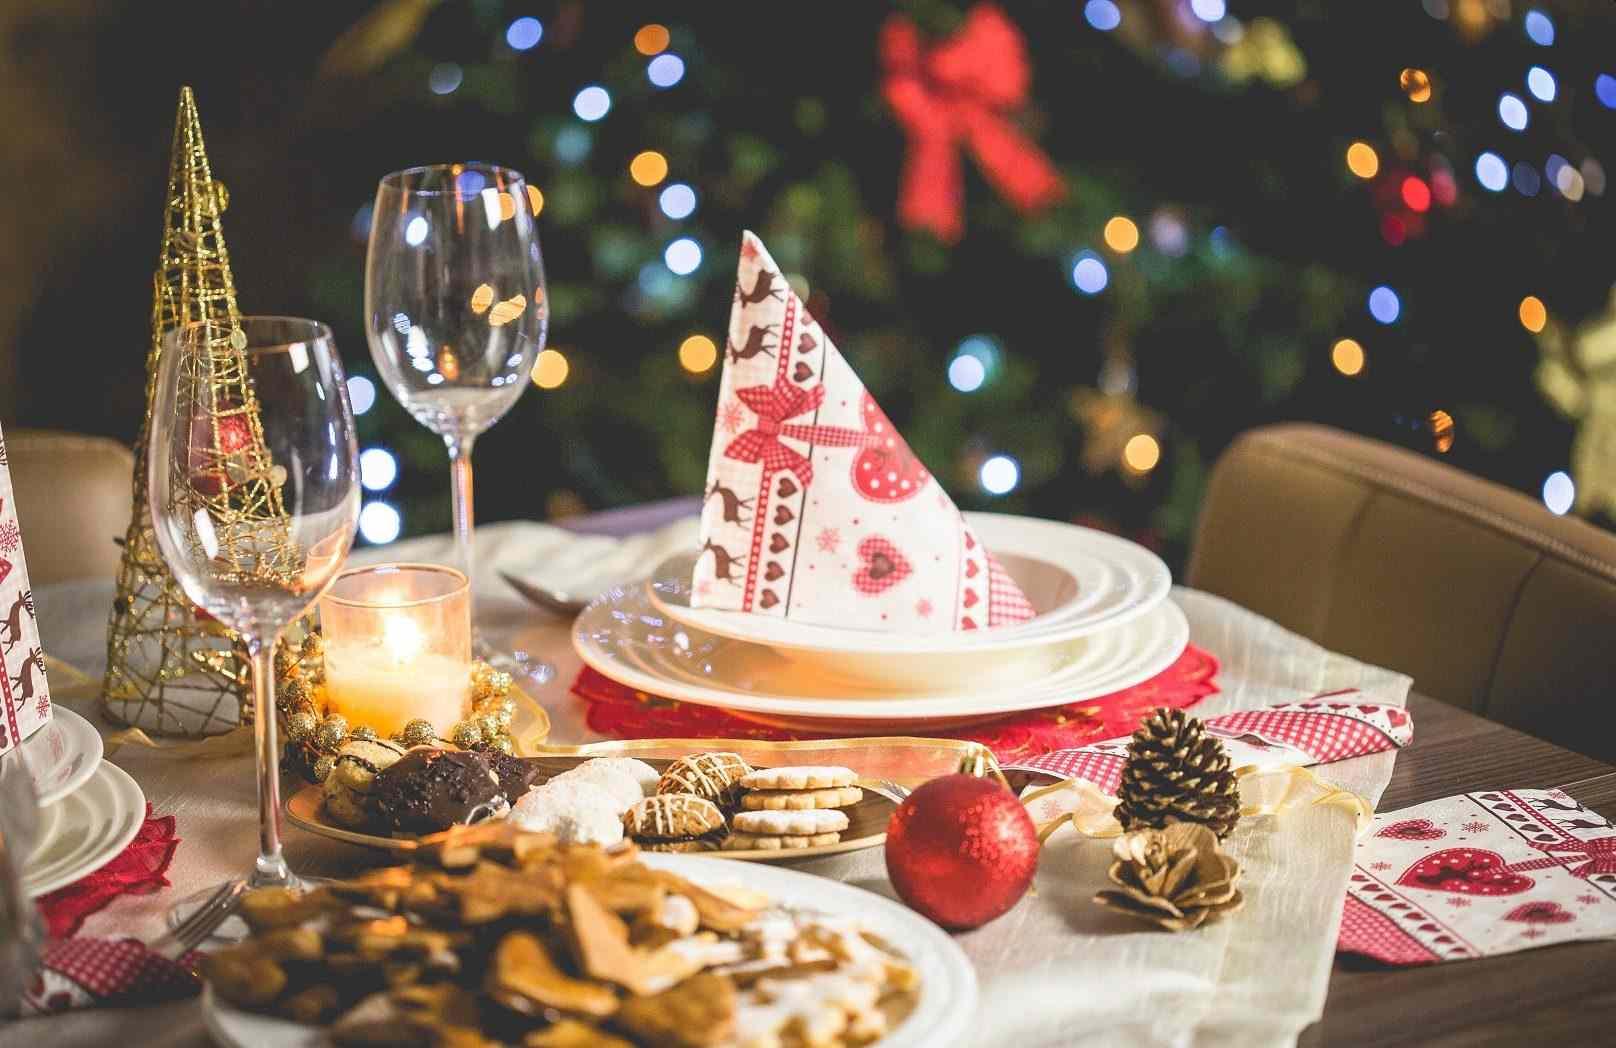 Christmas festive dinner